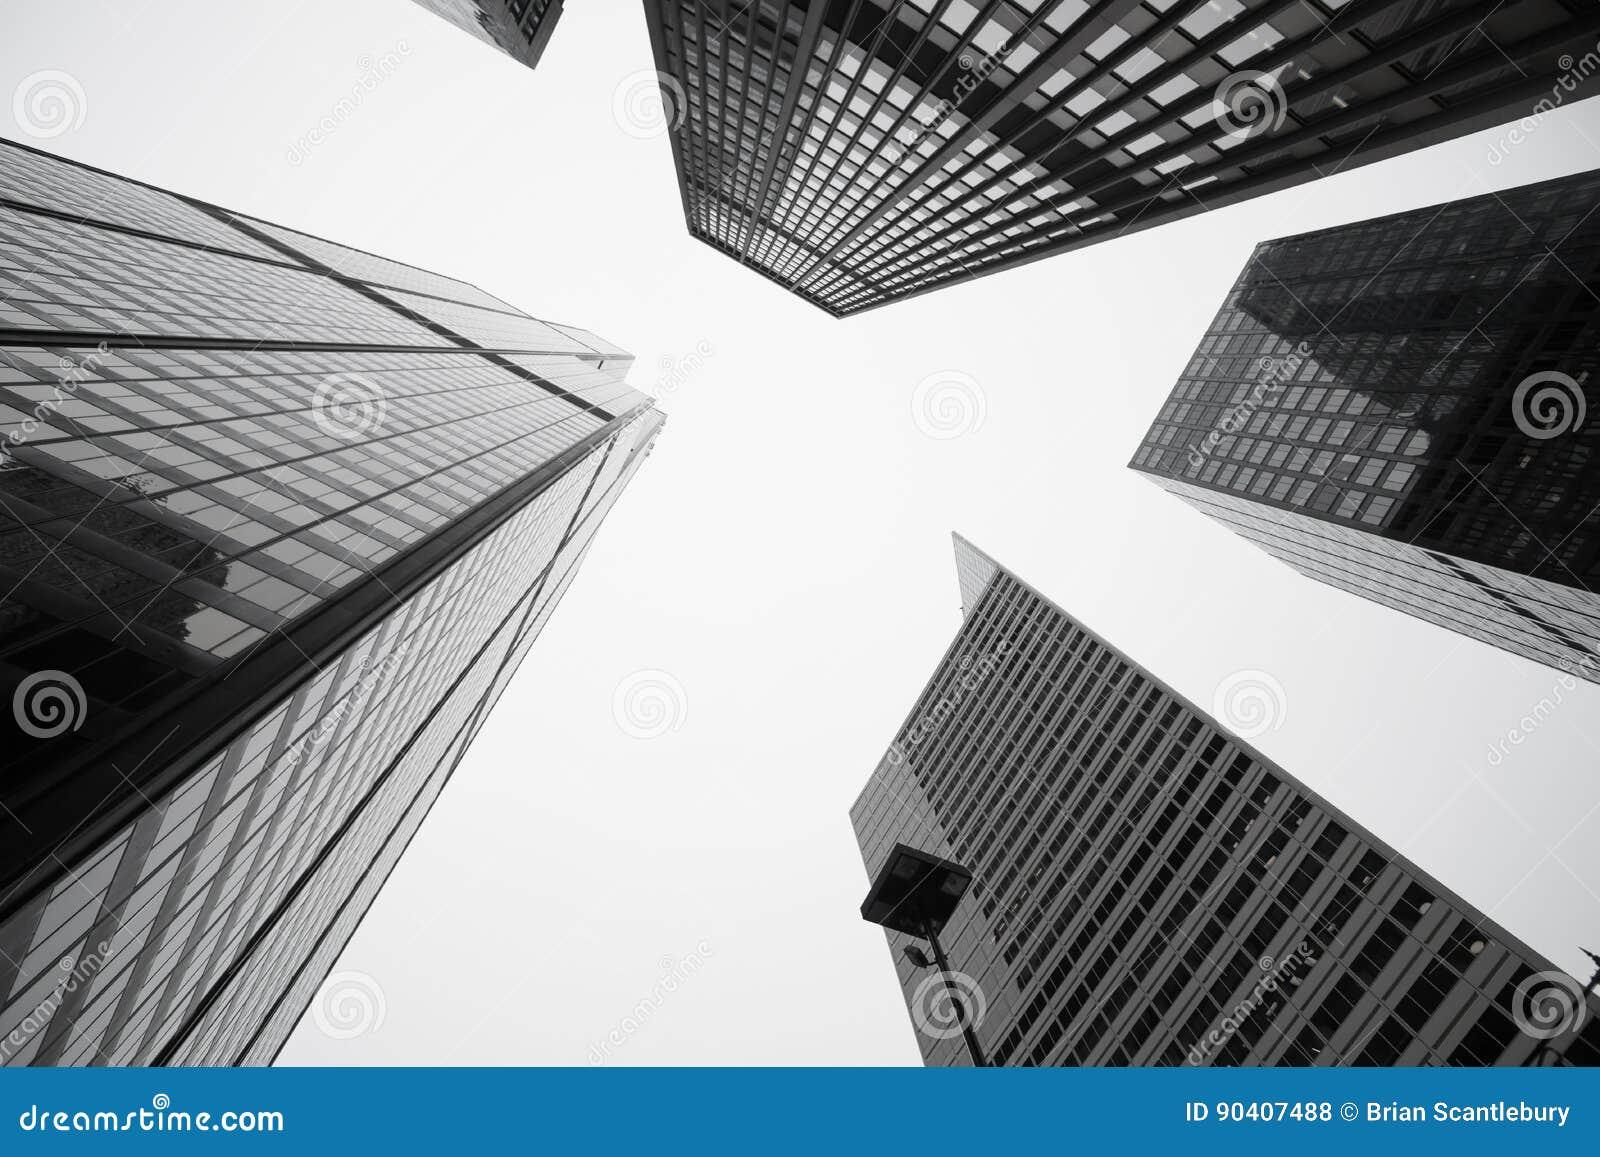 Sehr hohe Architektur und Stadtbilder von fünf Chicago-Gebäuden